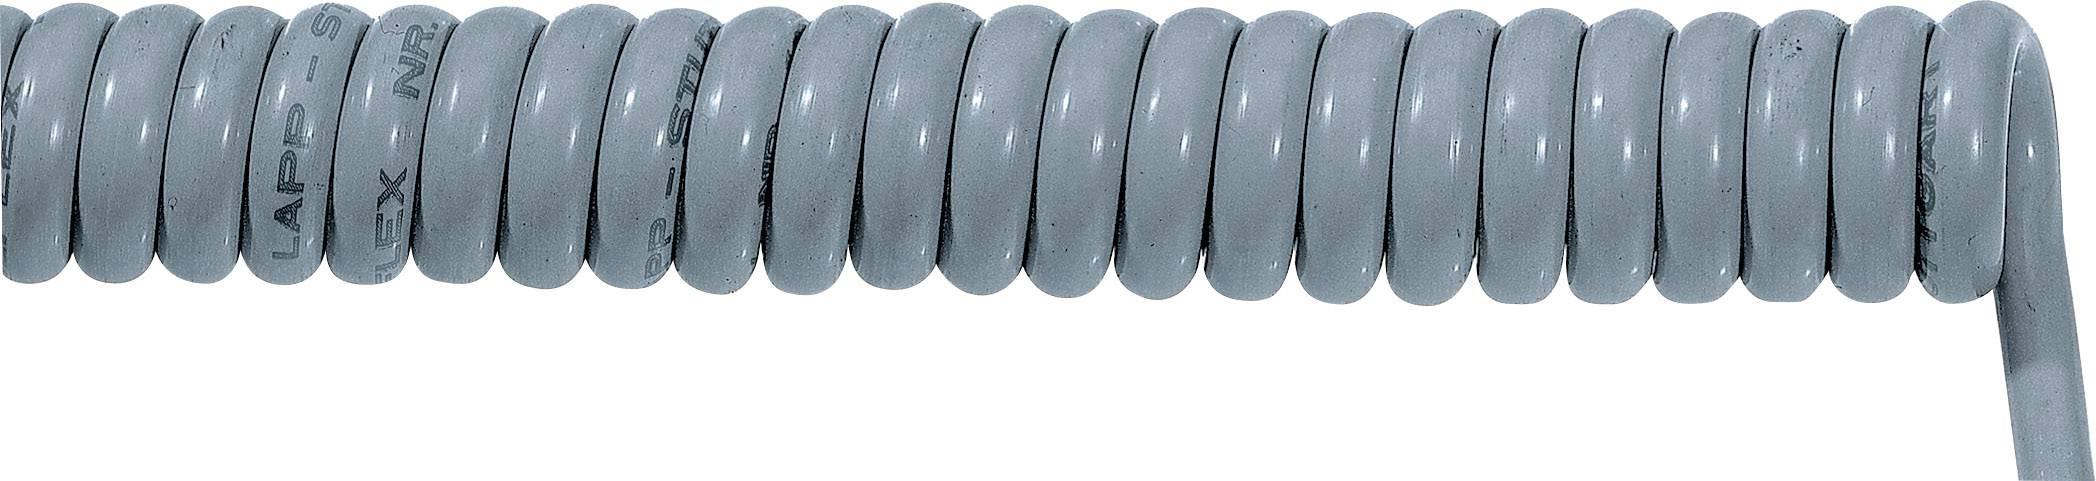 Špirálový kábel 70002707 ÖLFLEX® SPIRAL 400 P 7 x 1.50 mm², 1500 mm / 3750 mm, sivá